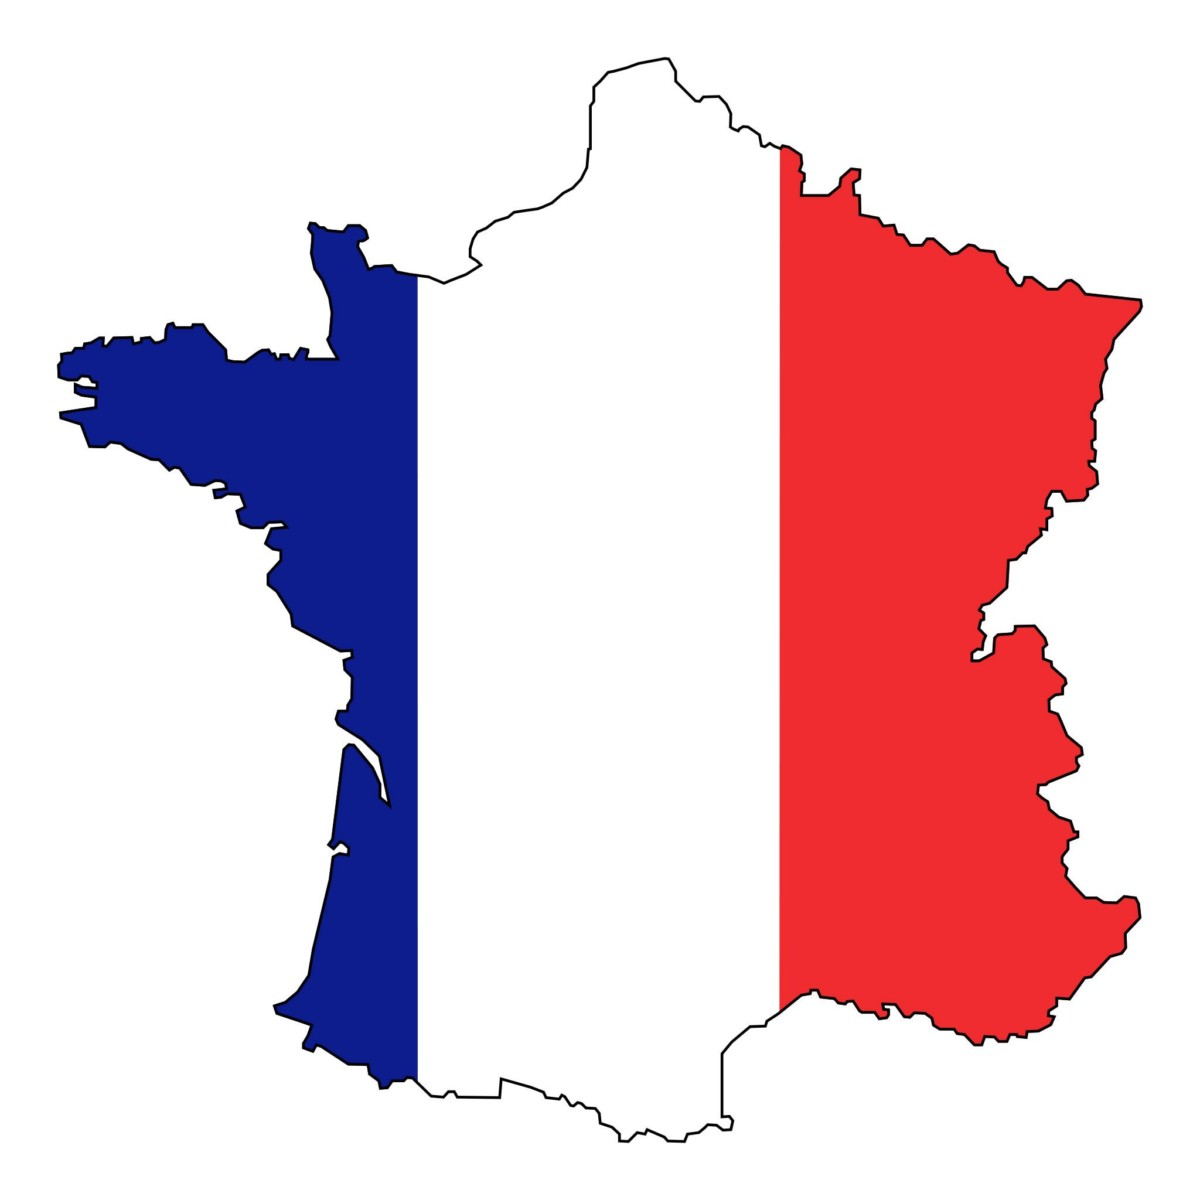 el significado de los colores de la bandera francesa